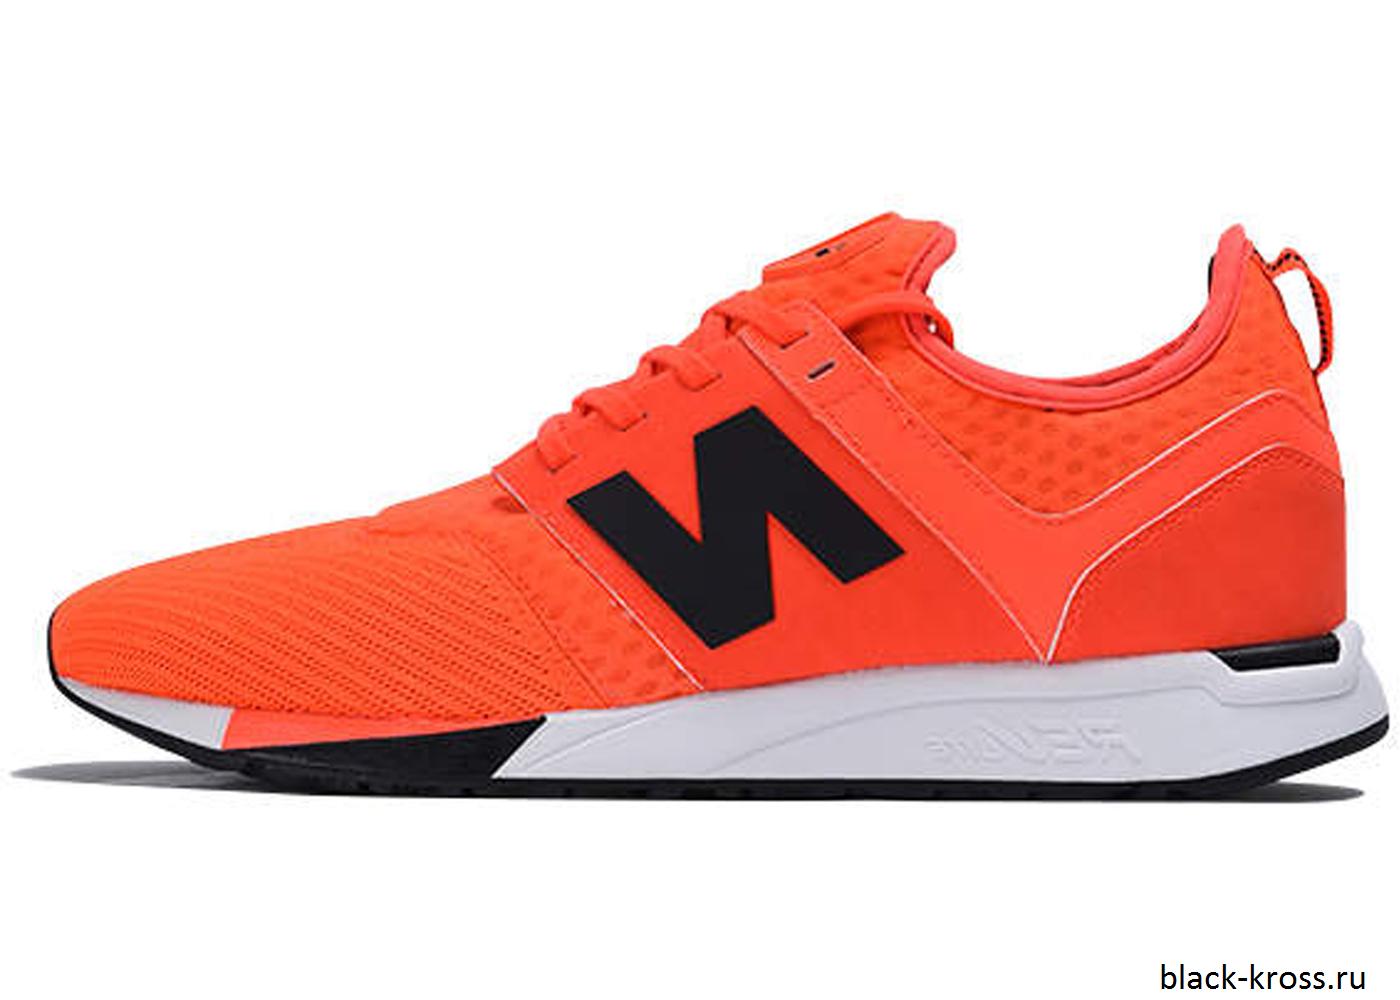 New-Balance-247-Sport-Orange